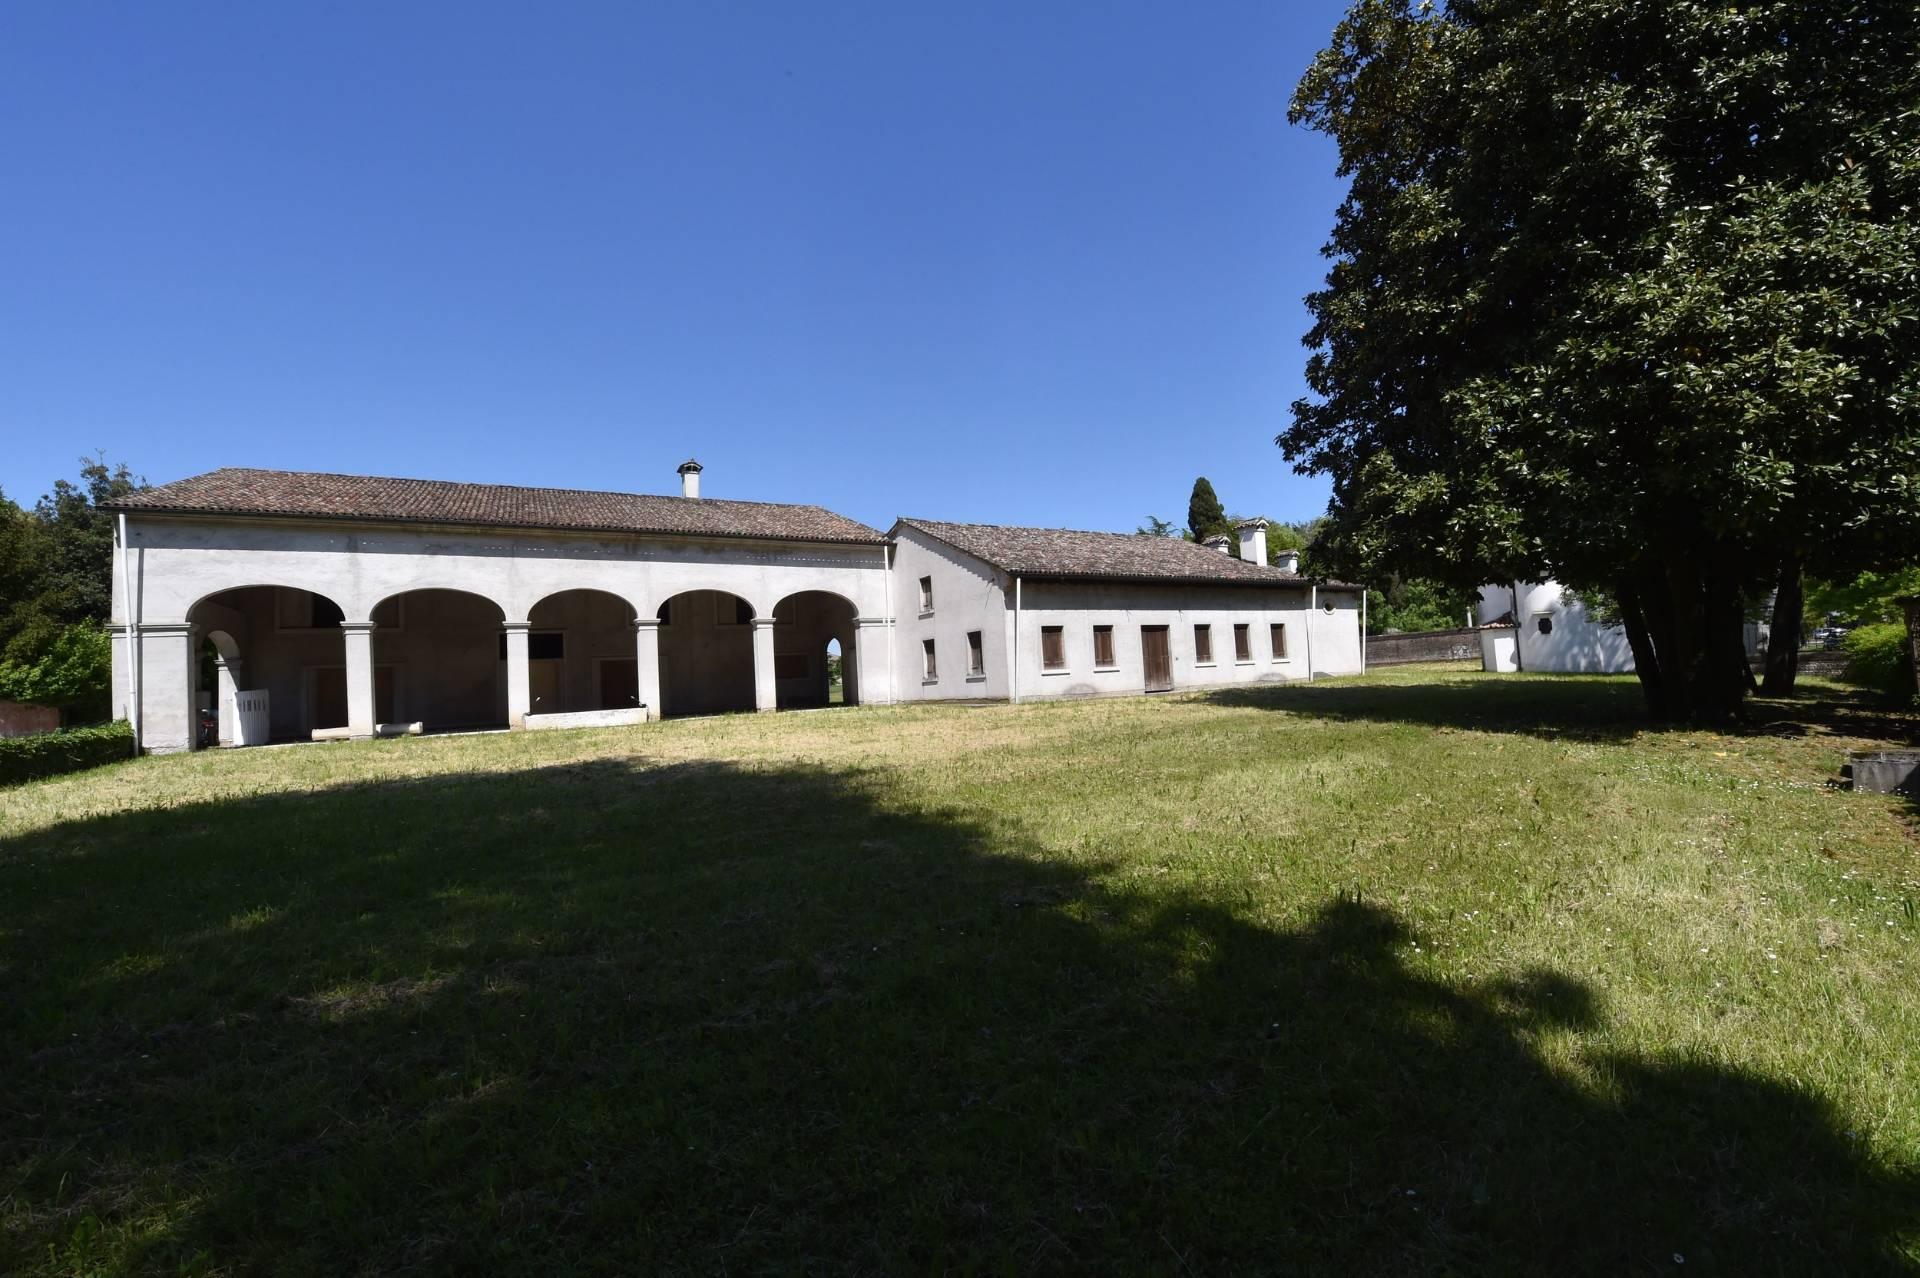 Rustico / Casale in vendita a Treviso, 31 locali, zona Località: Fiera, prezzo € 950.000 | CambioCasa.it